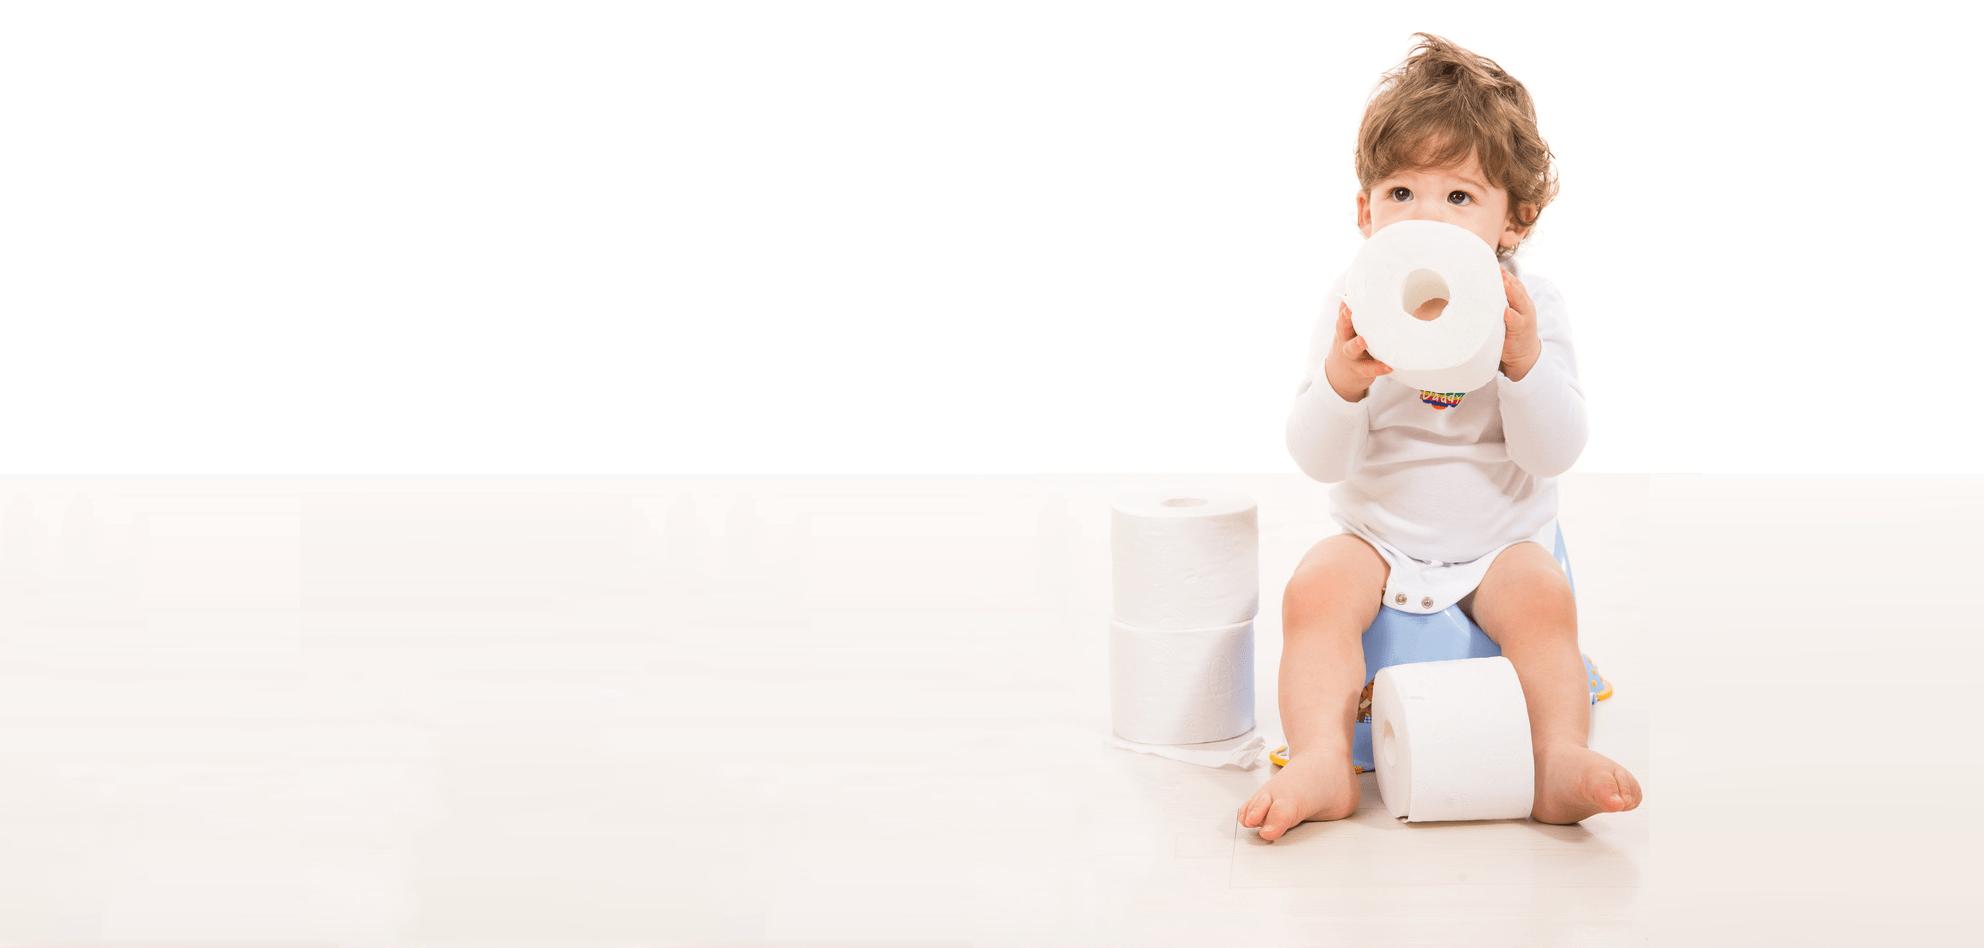 photodune-7295156-toddler-boy-sitting-on-potty-s